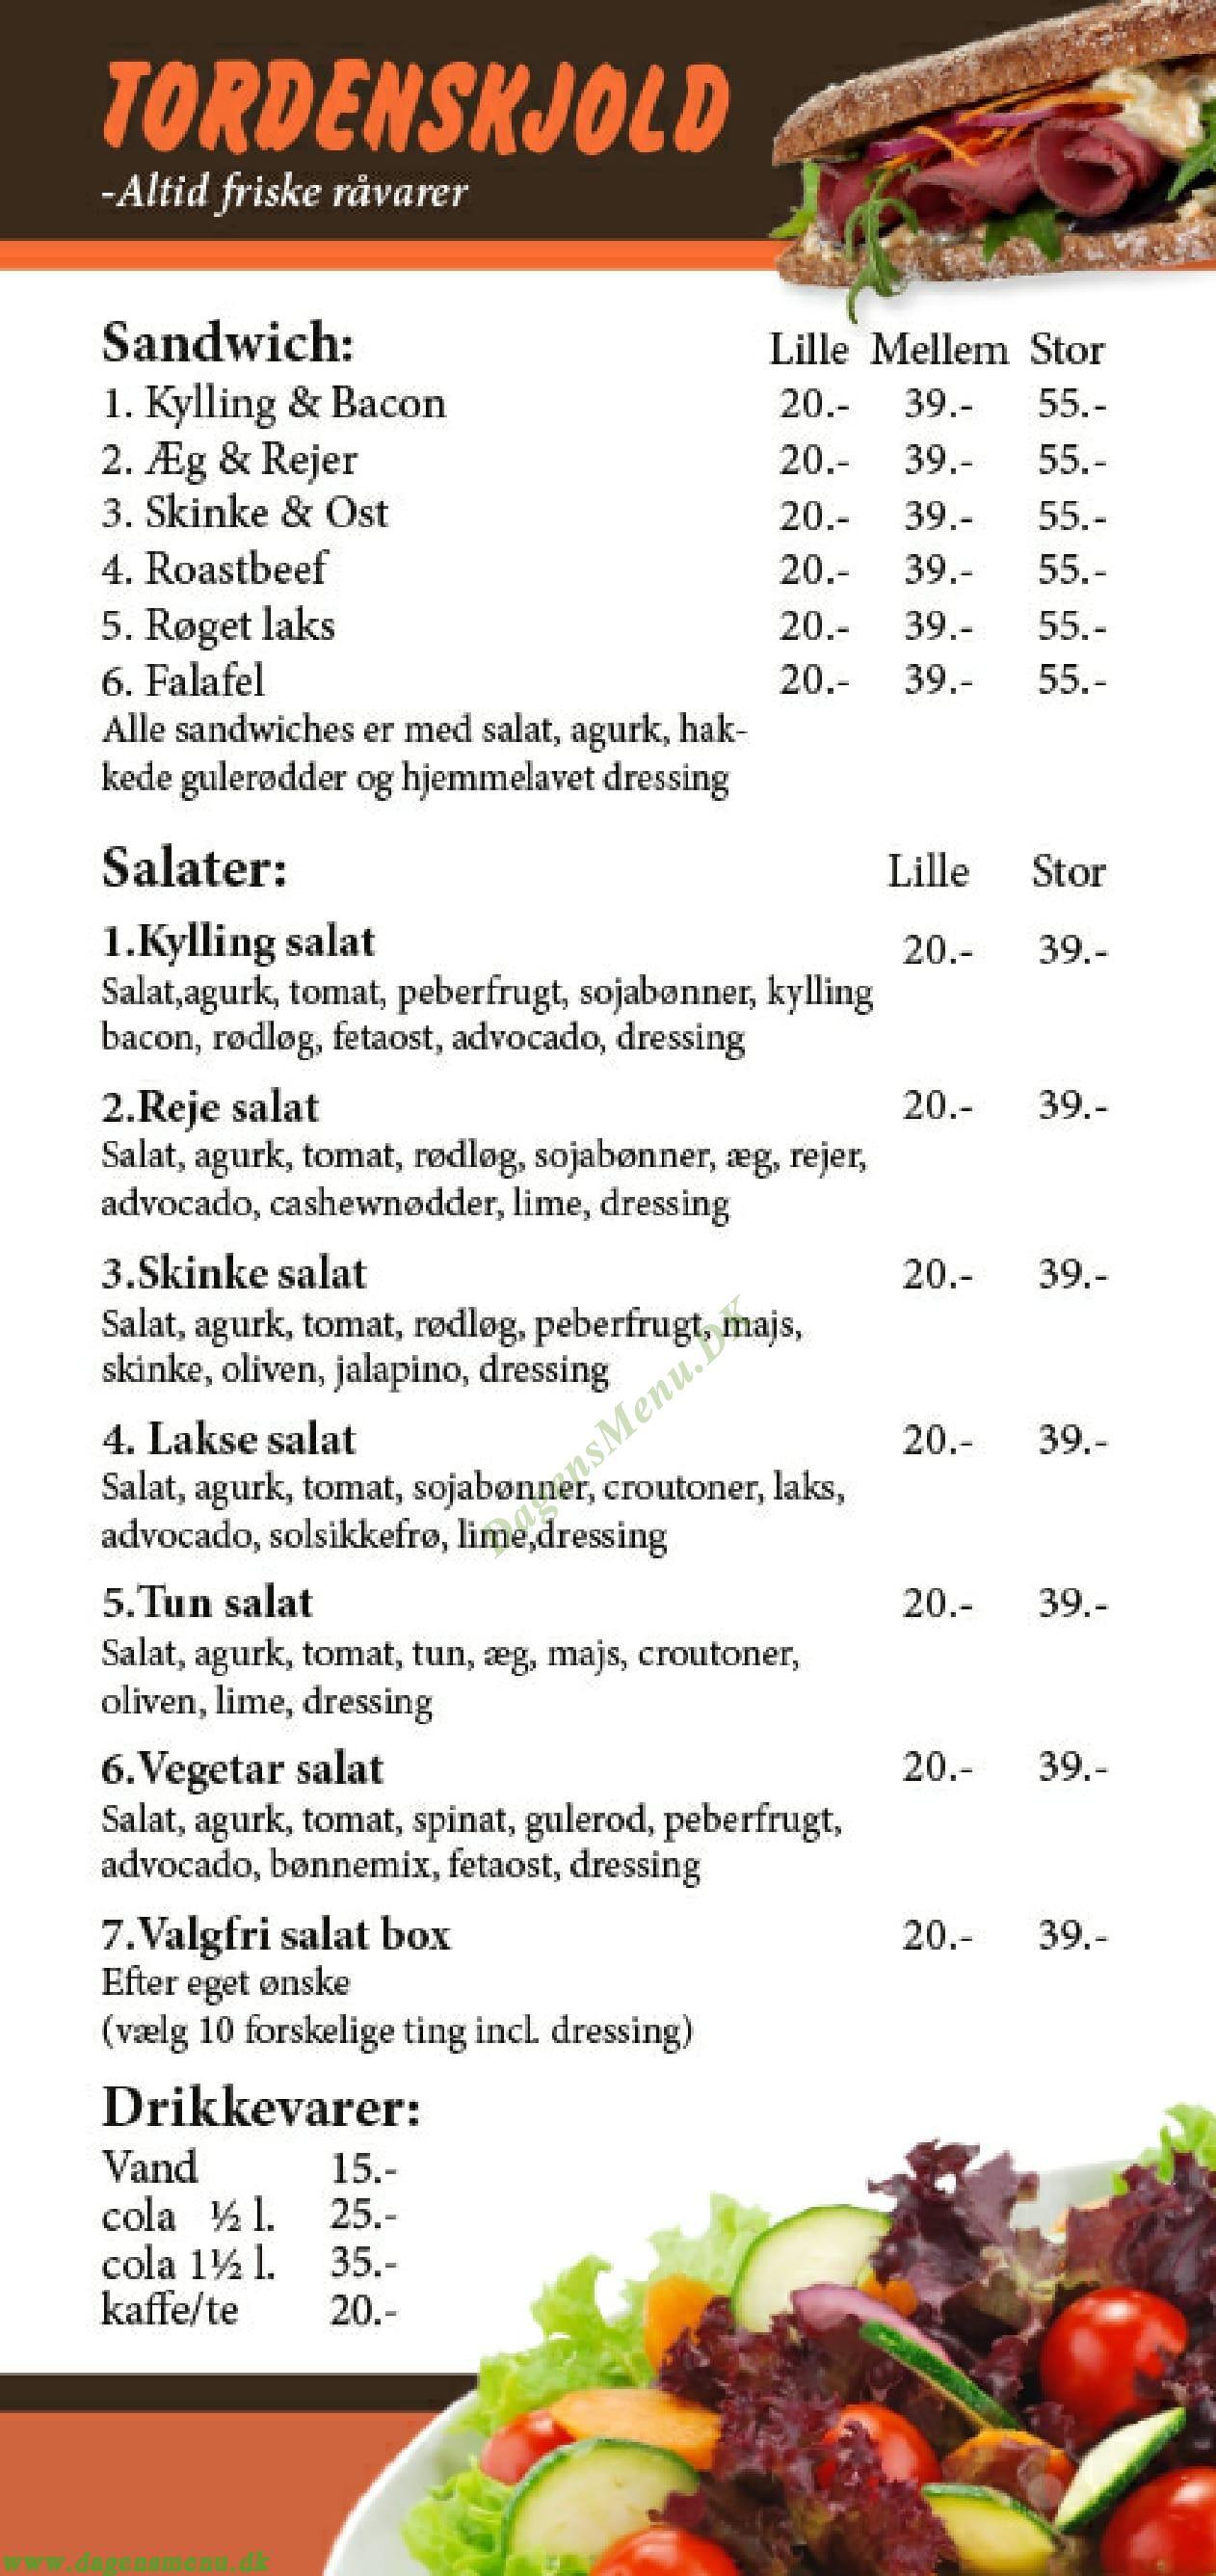 Café Tordenskjold Menukort